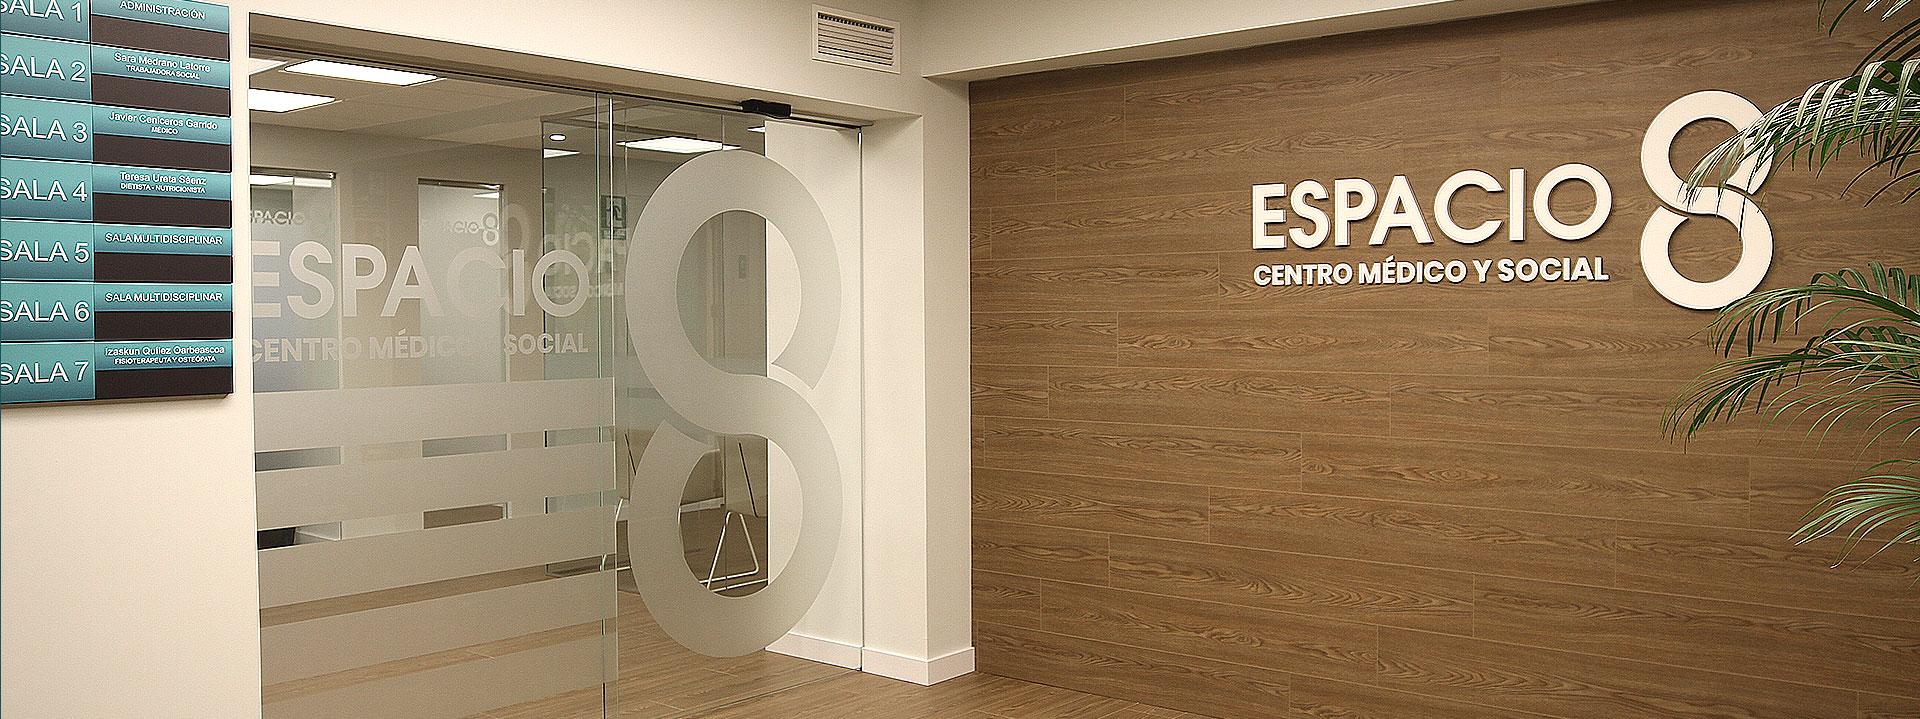 Geriatricarea habla de Espacio 8, centro médico y social en La Rioja